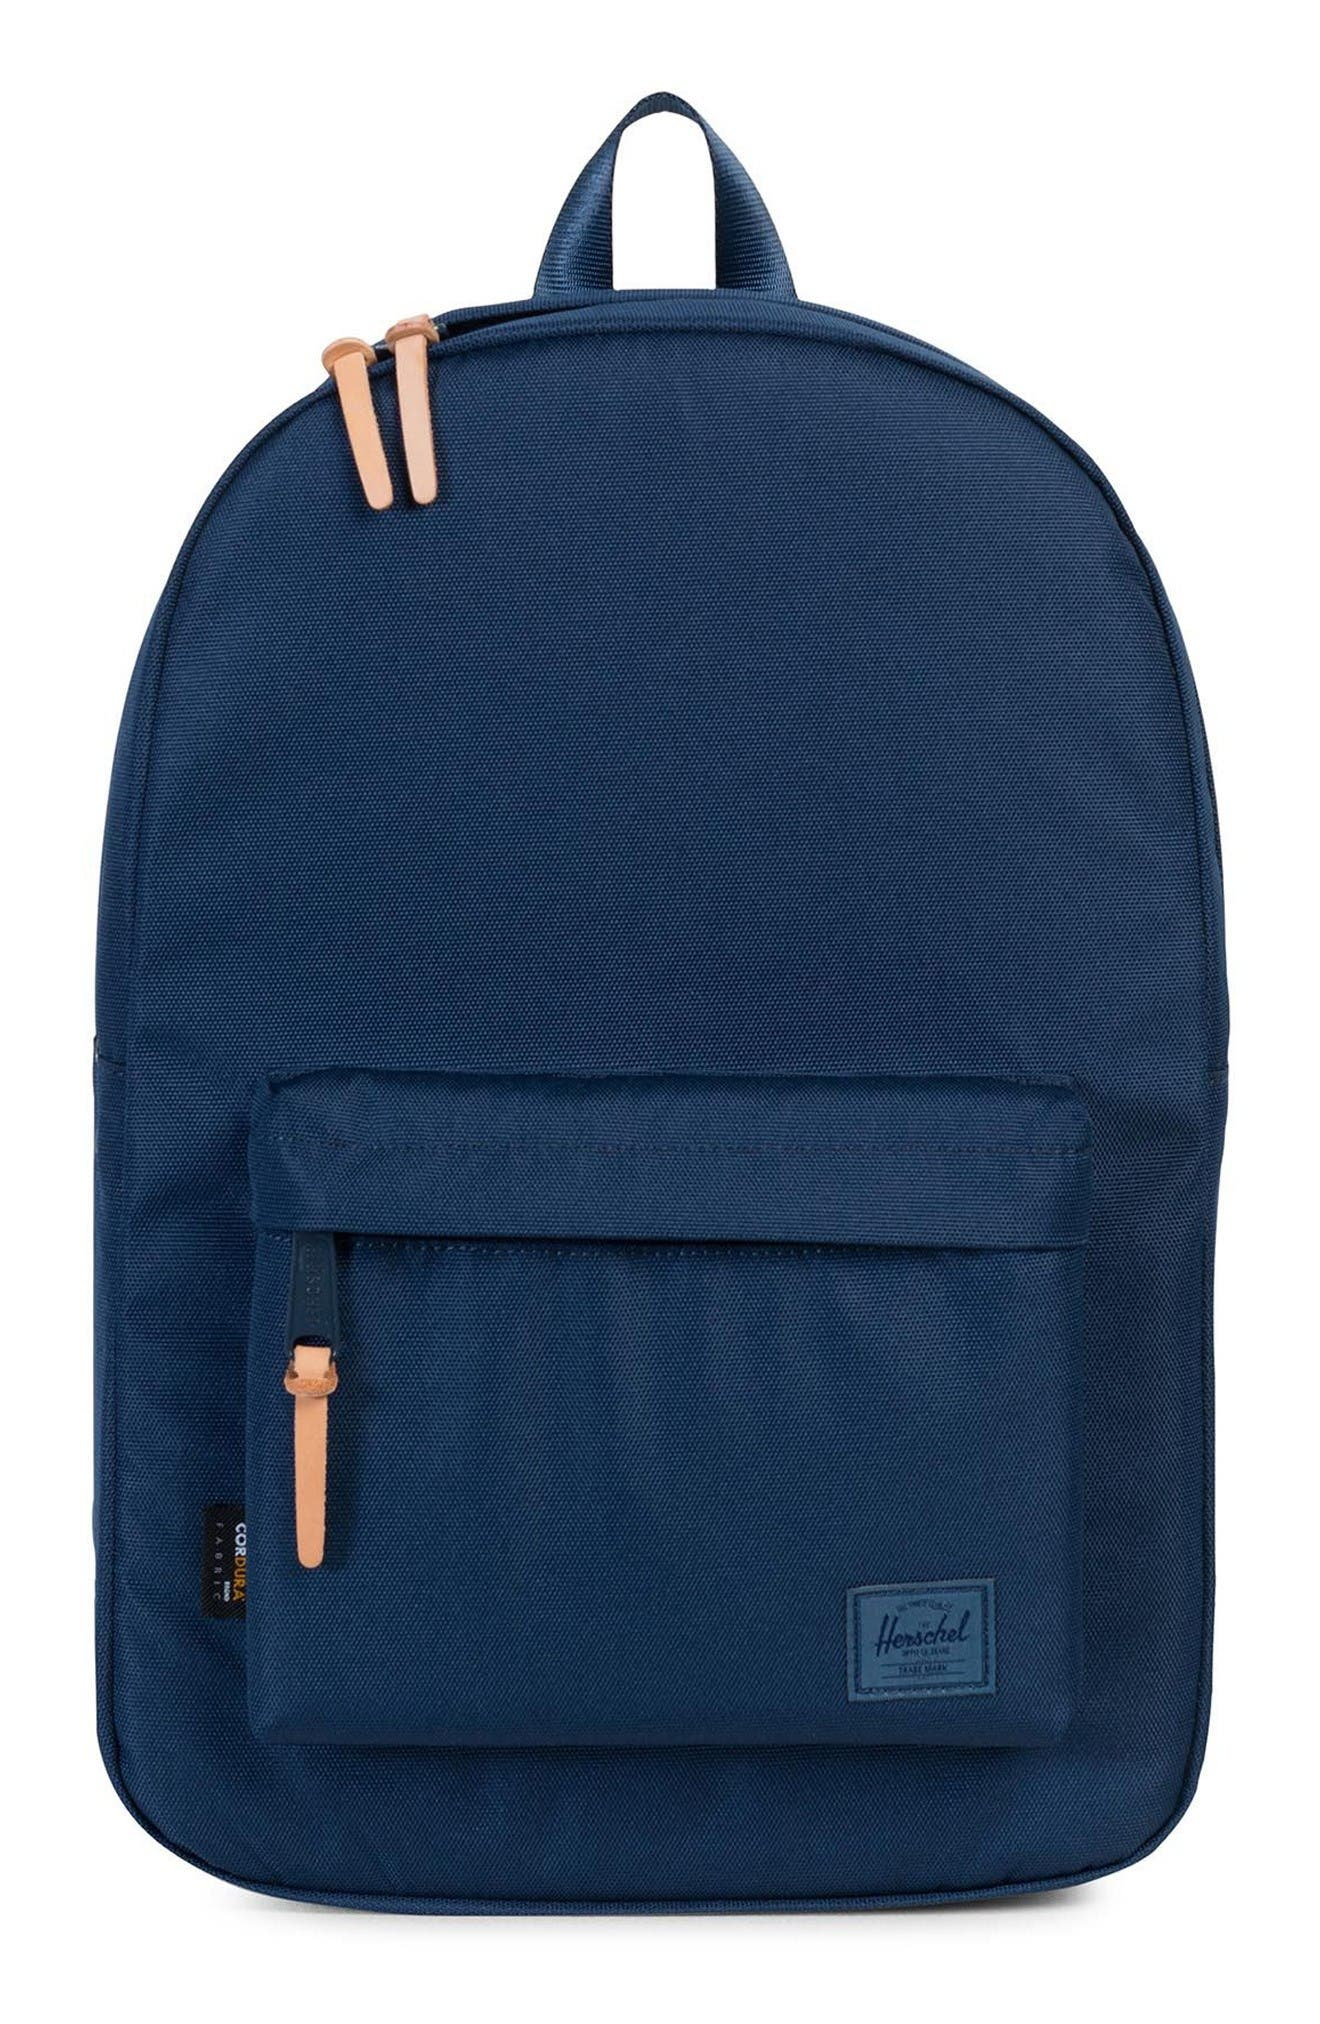 Herschel Supply Co. Winlaw Backpack